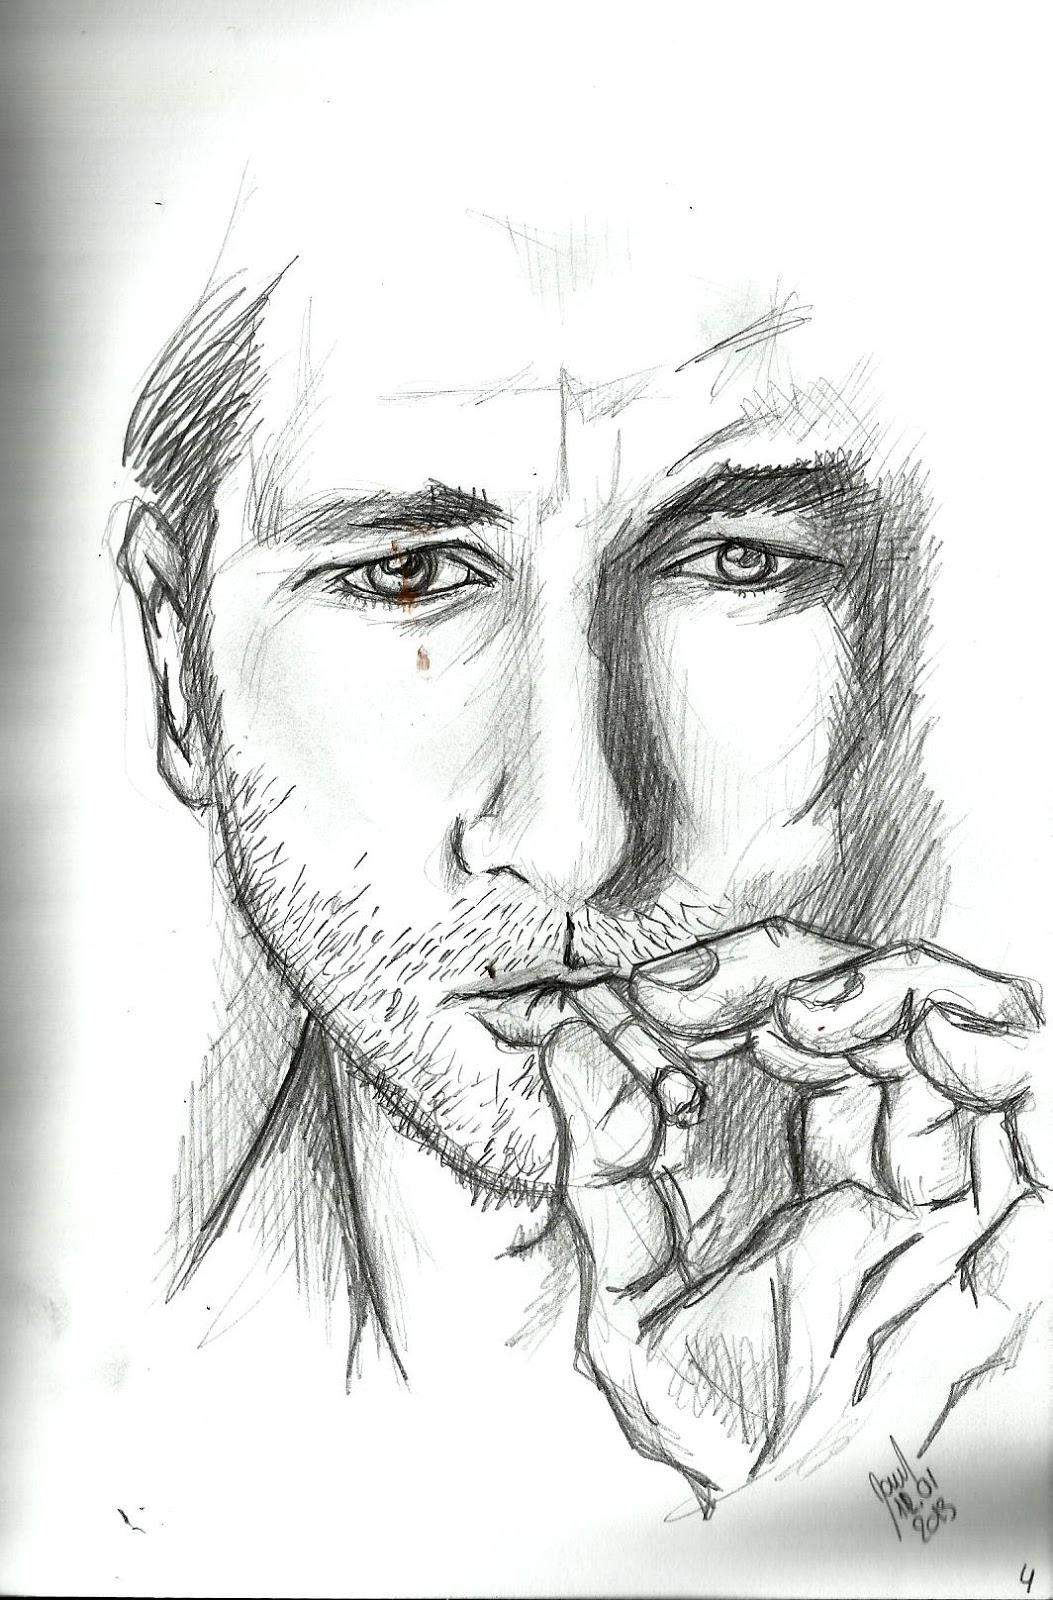 http://4.bp.blogspot.com/-YgTd5b2EkG8/UPMPxaDuJzI/AAAAAAAAFj4/aoGrM2b4B7M/s1600/Gerad+butler.jpg